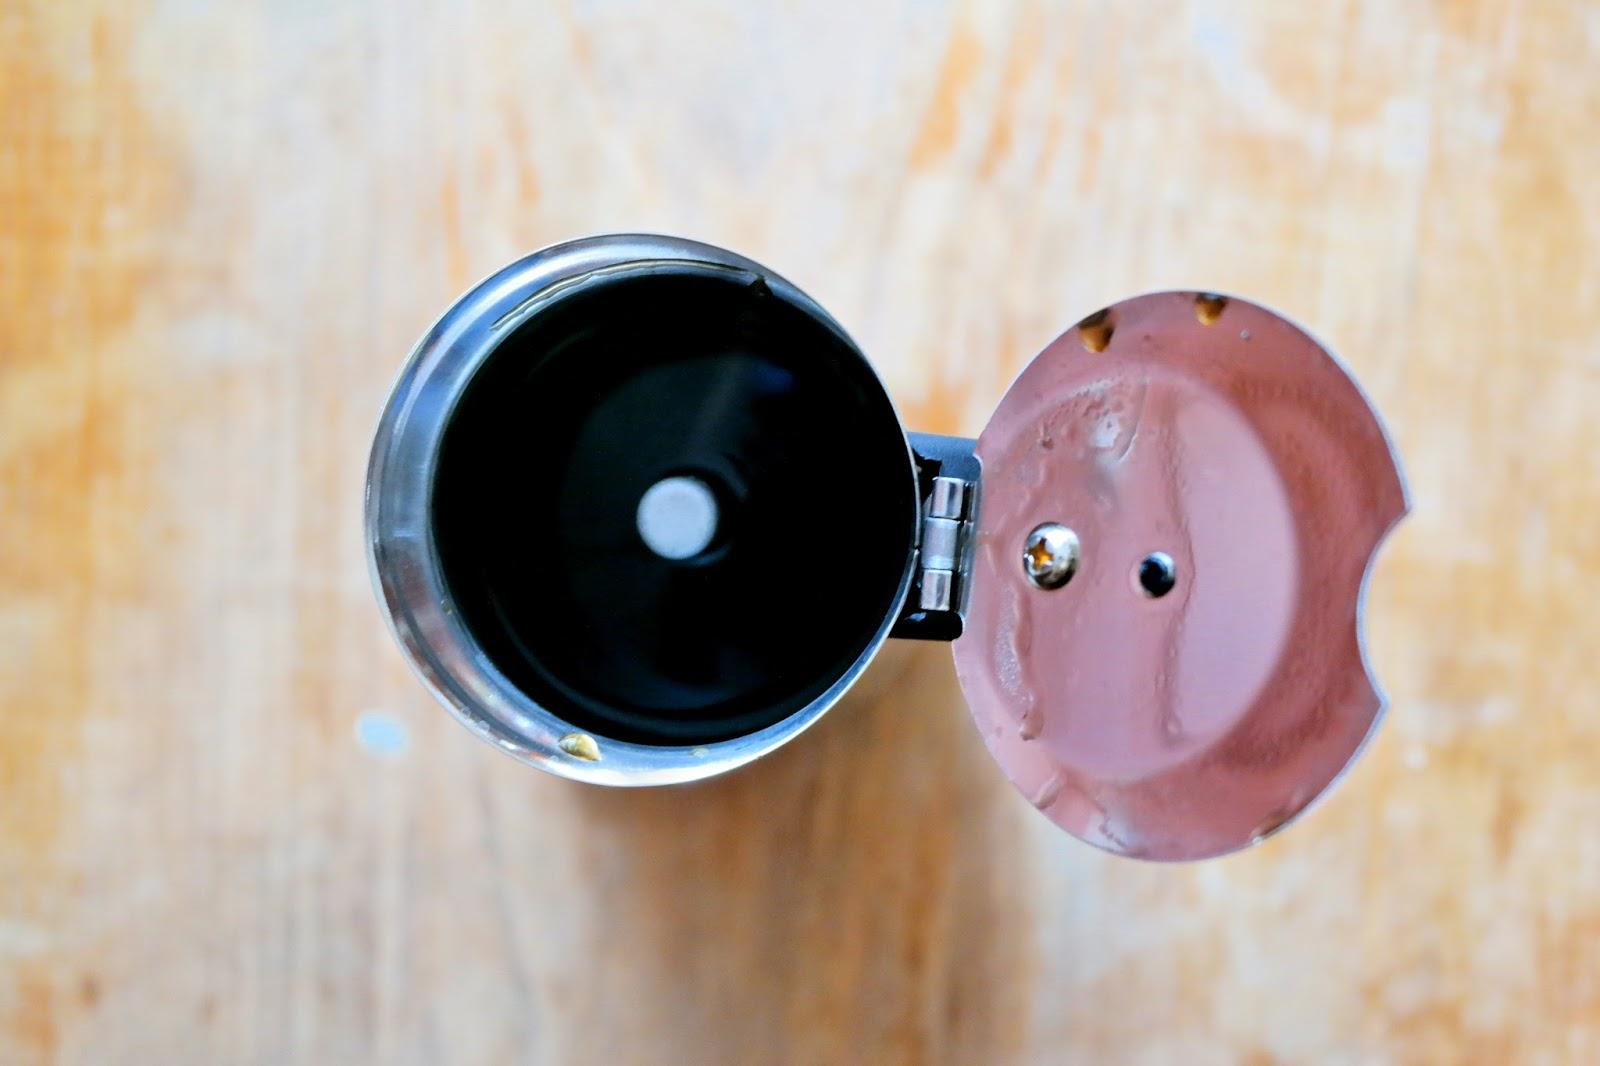 Zaparzona kawa w kawiarce ciśnieniowej